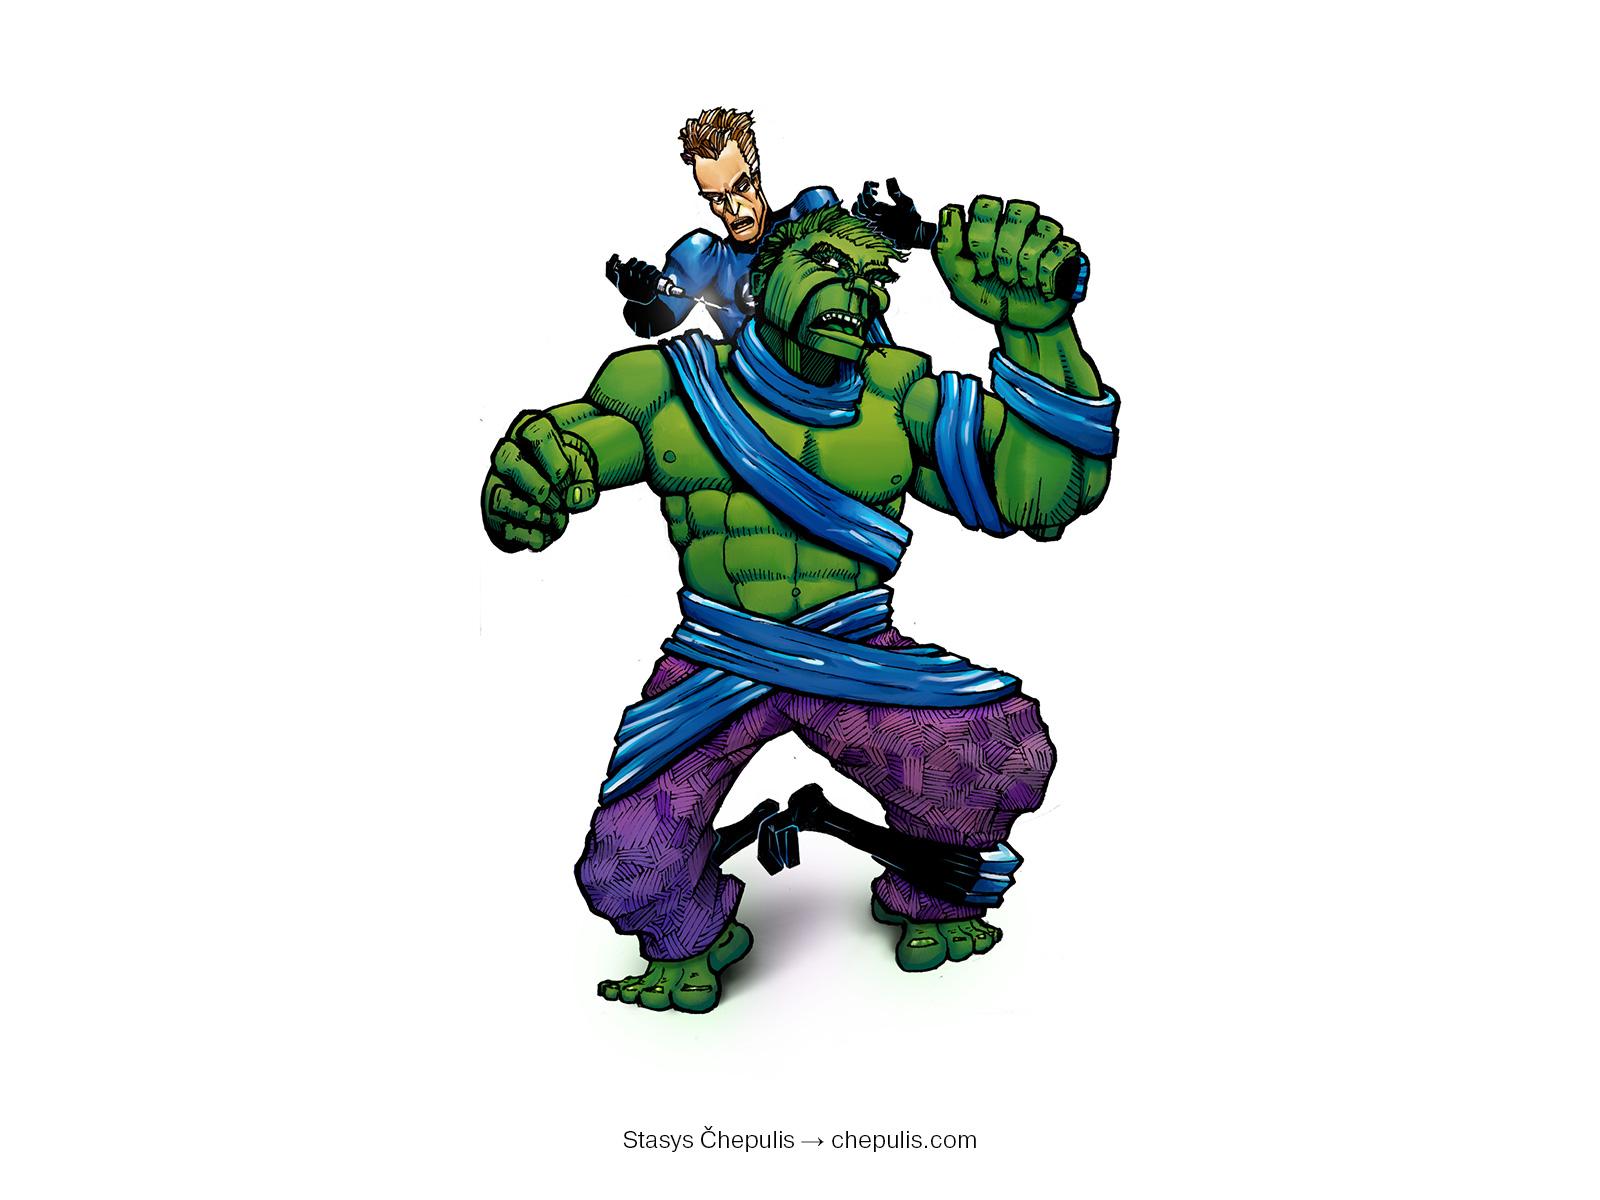 hulk-mrf-1200-web